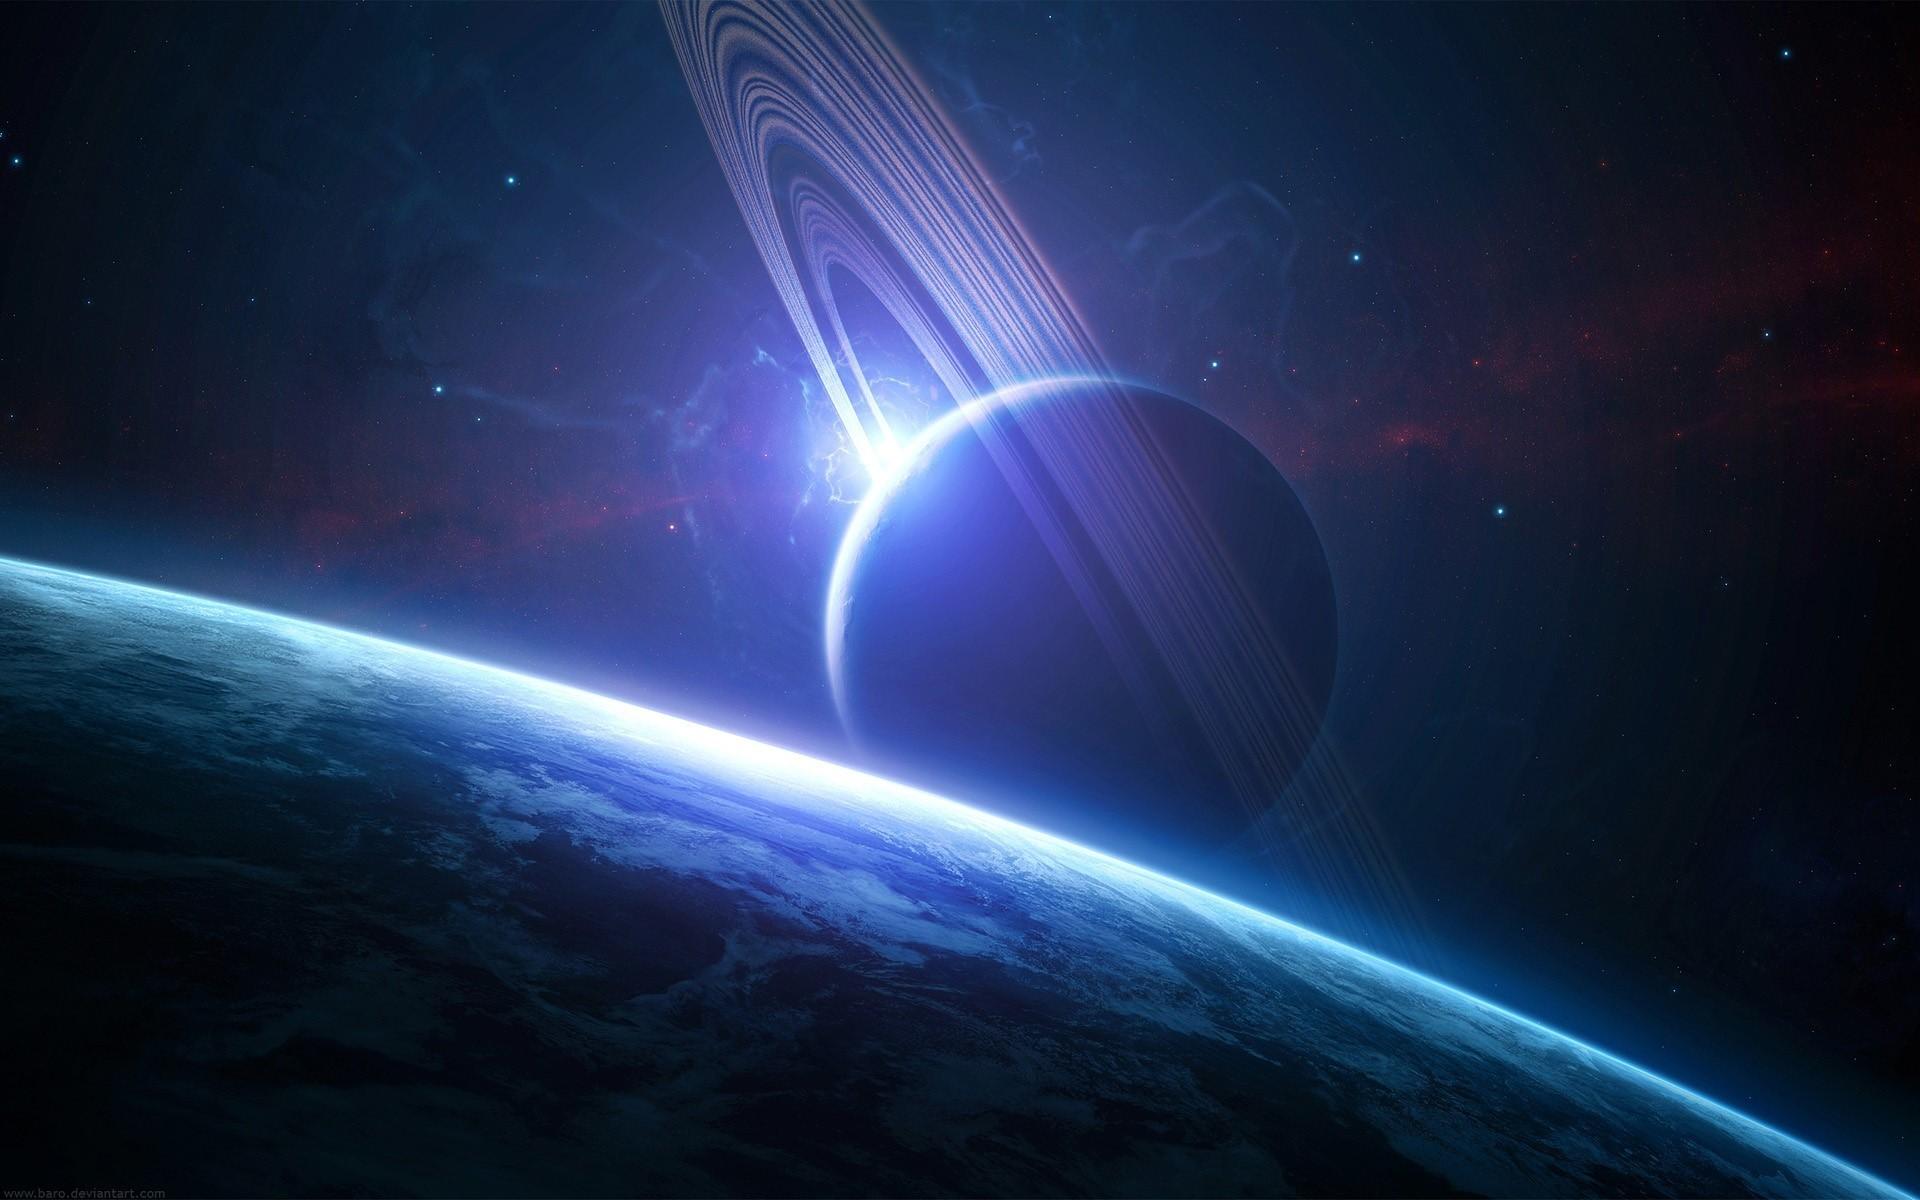 Saturn Planet Wallpaper Hi.